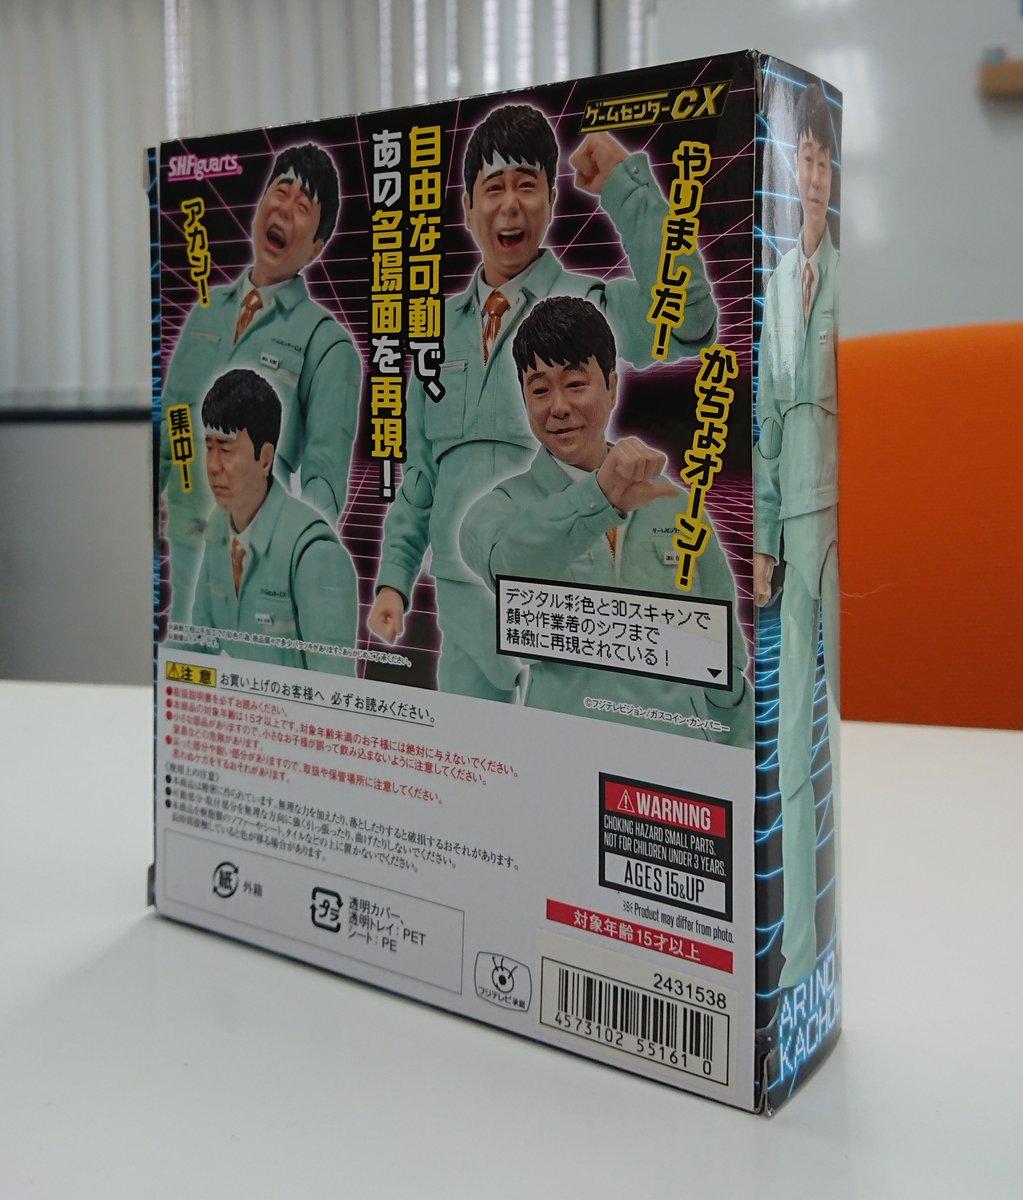 ゲームセンターcx 251